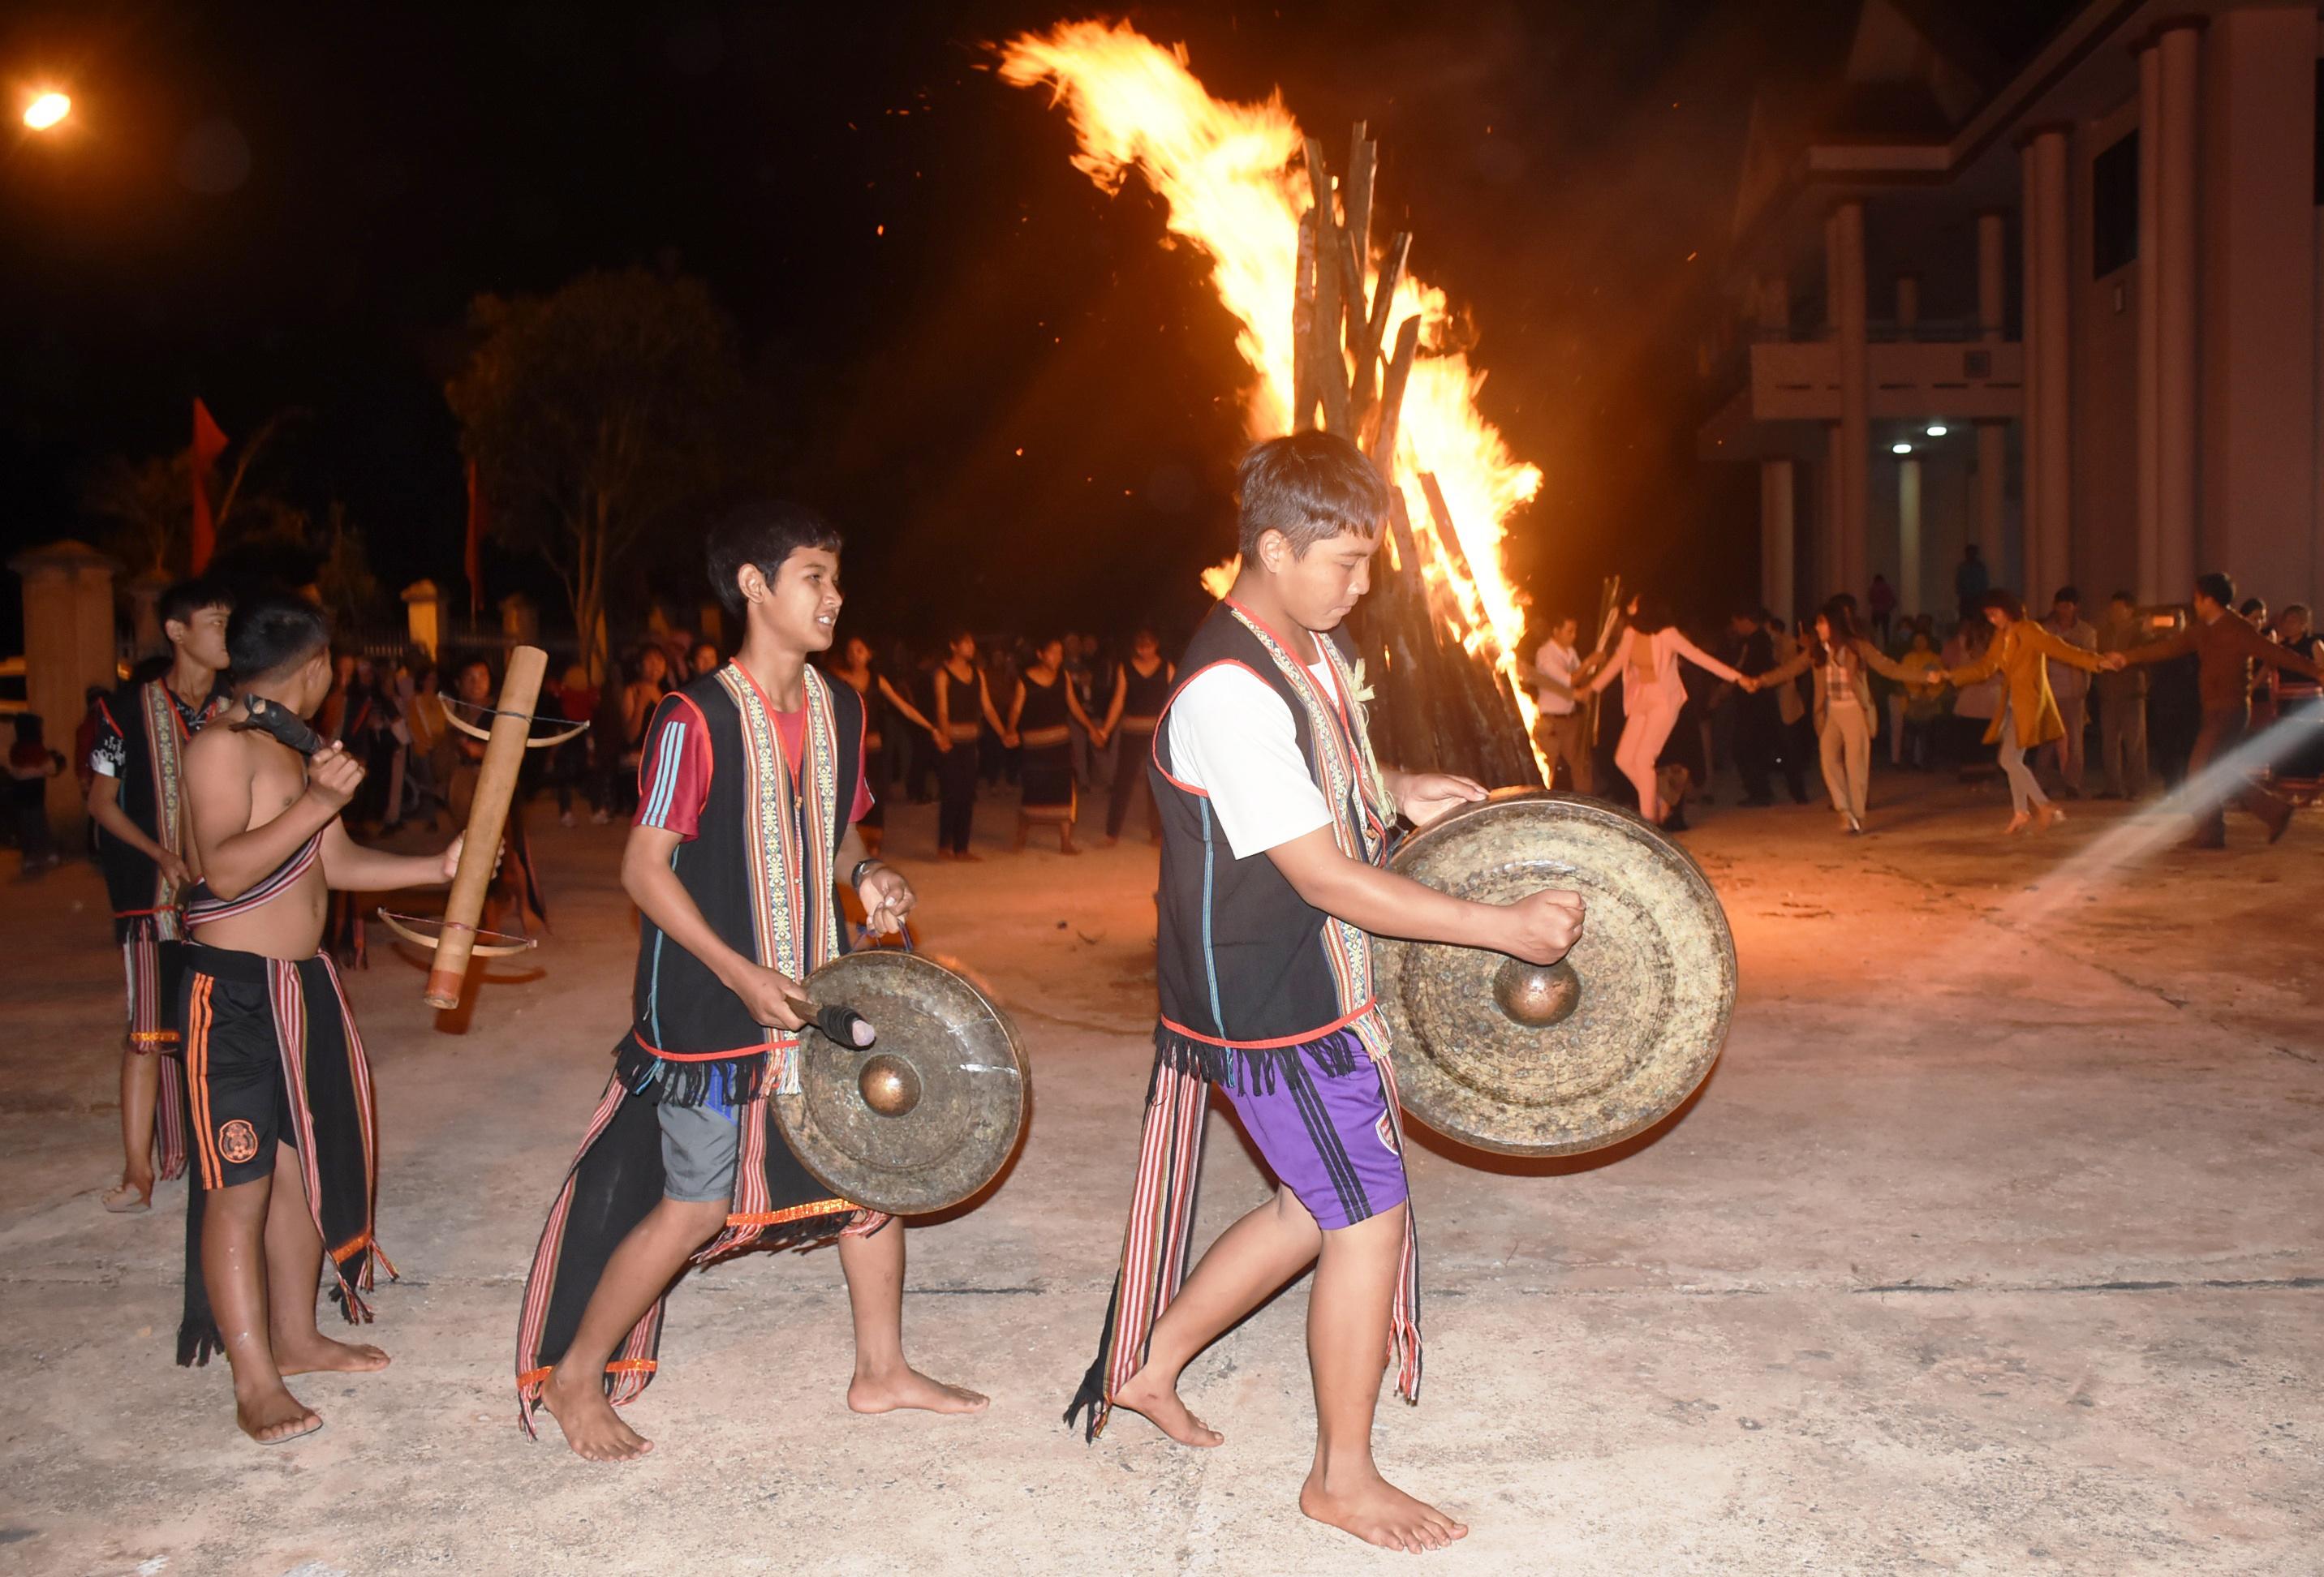 Sinh hoạt văn hóa, đánh cồng chiêng, múa xoang là hoạt động thường thấy của đồng bào Xơ Đăng ở Tu Mơ Rông. Ảnh: P.N